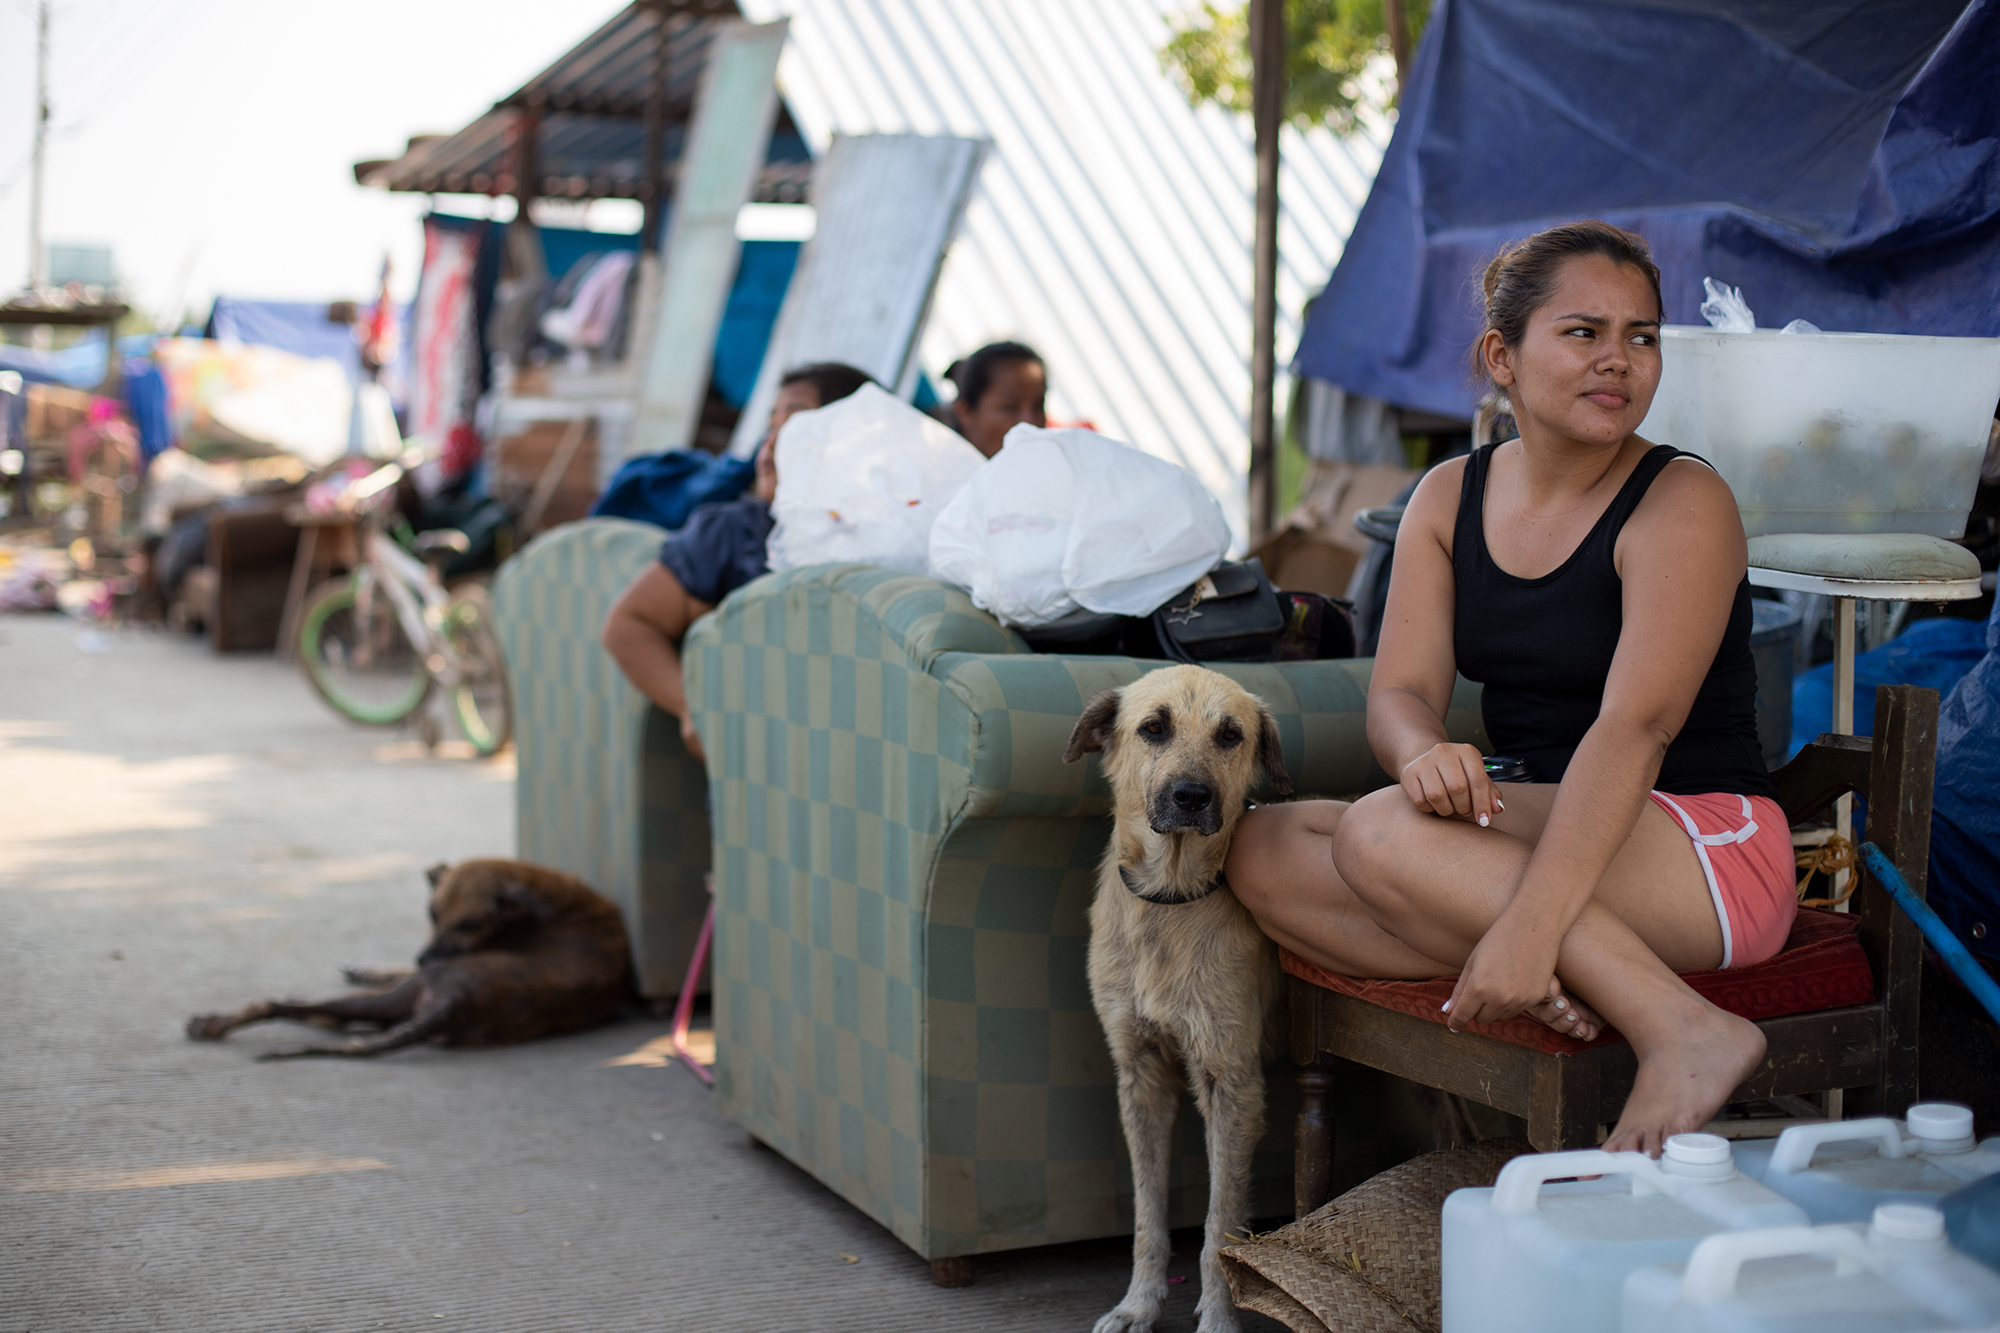 Angélica tiene 25 años, es madre soltera y lleva nueve días junto a su familia, su hijo, Beatriz —quien es su madre—, su abuela Olga y sus mascotas en un refugio improvisado con plásticos sobre la mediana de la CA-13 o Bulevar del Este que conduce desde La Lima hacia la ciudad de San Pedro Sula. La Lima, Cortés, 13 de noviembre de 2020. Foto: Martín Cálix.